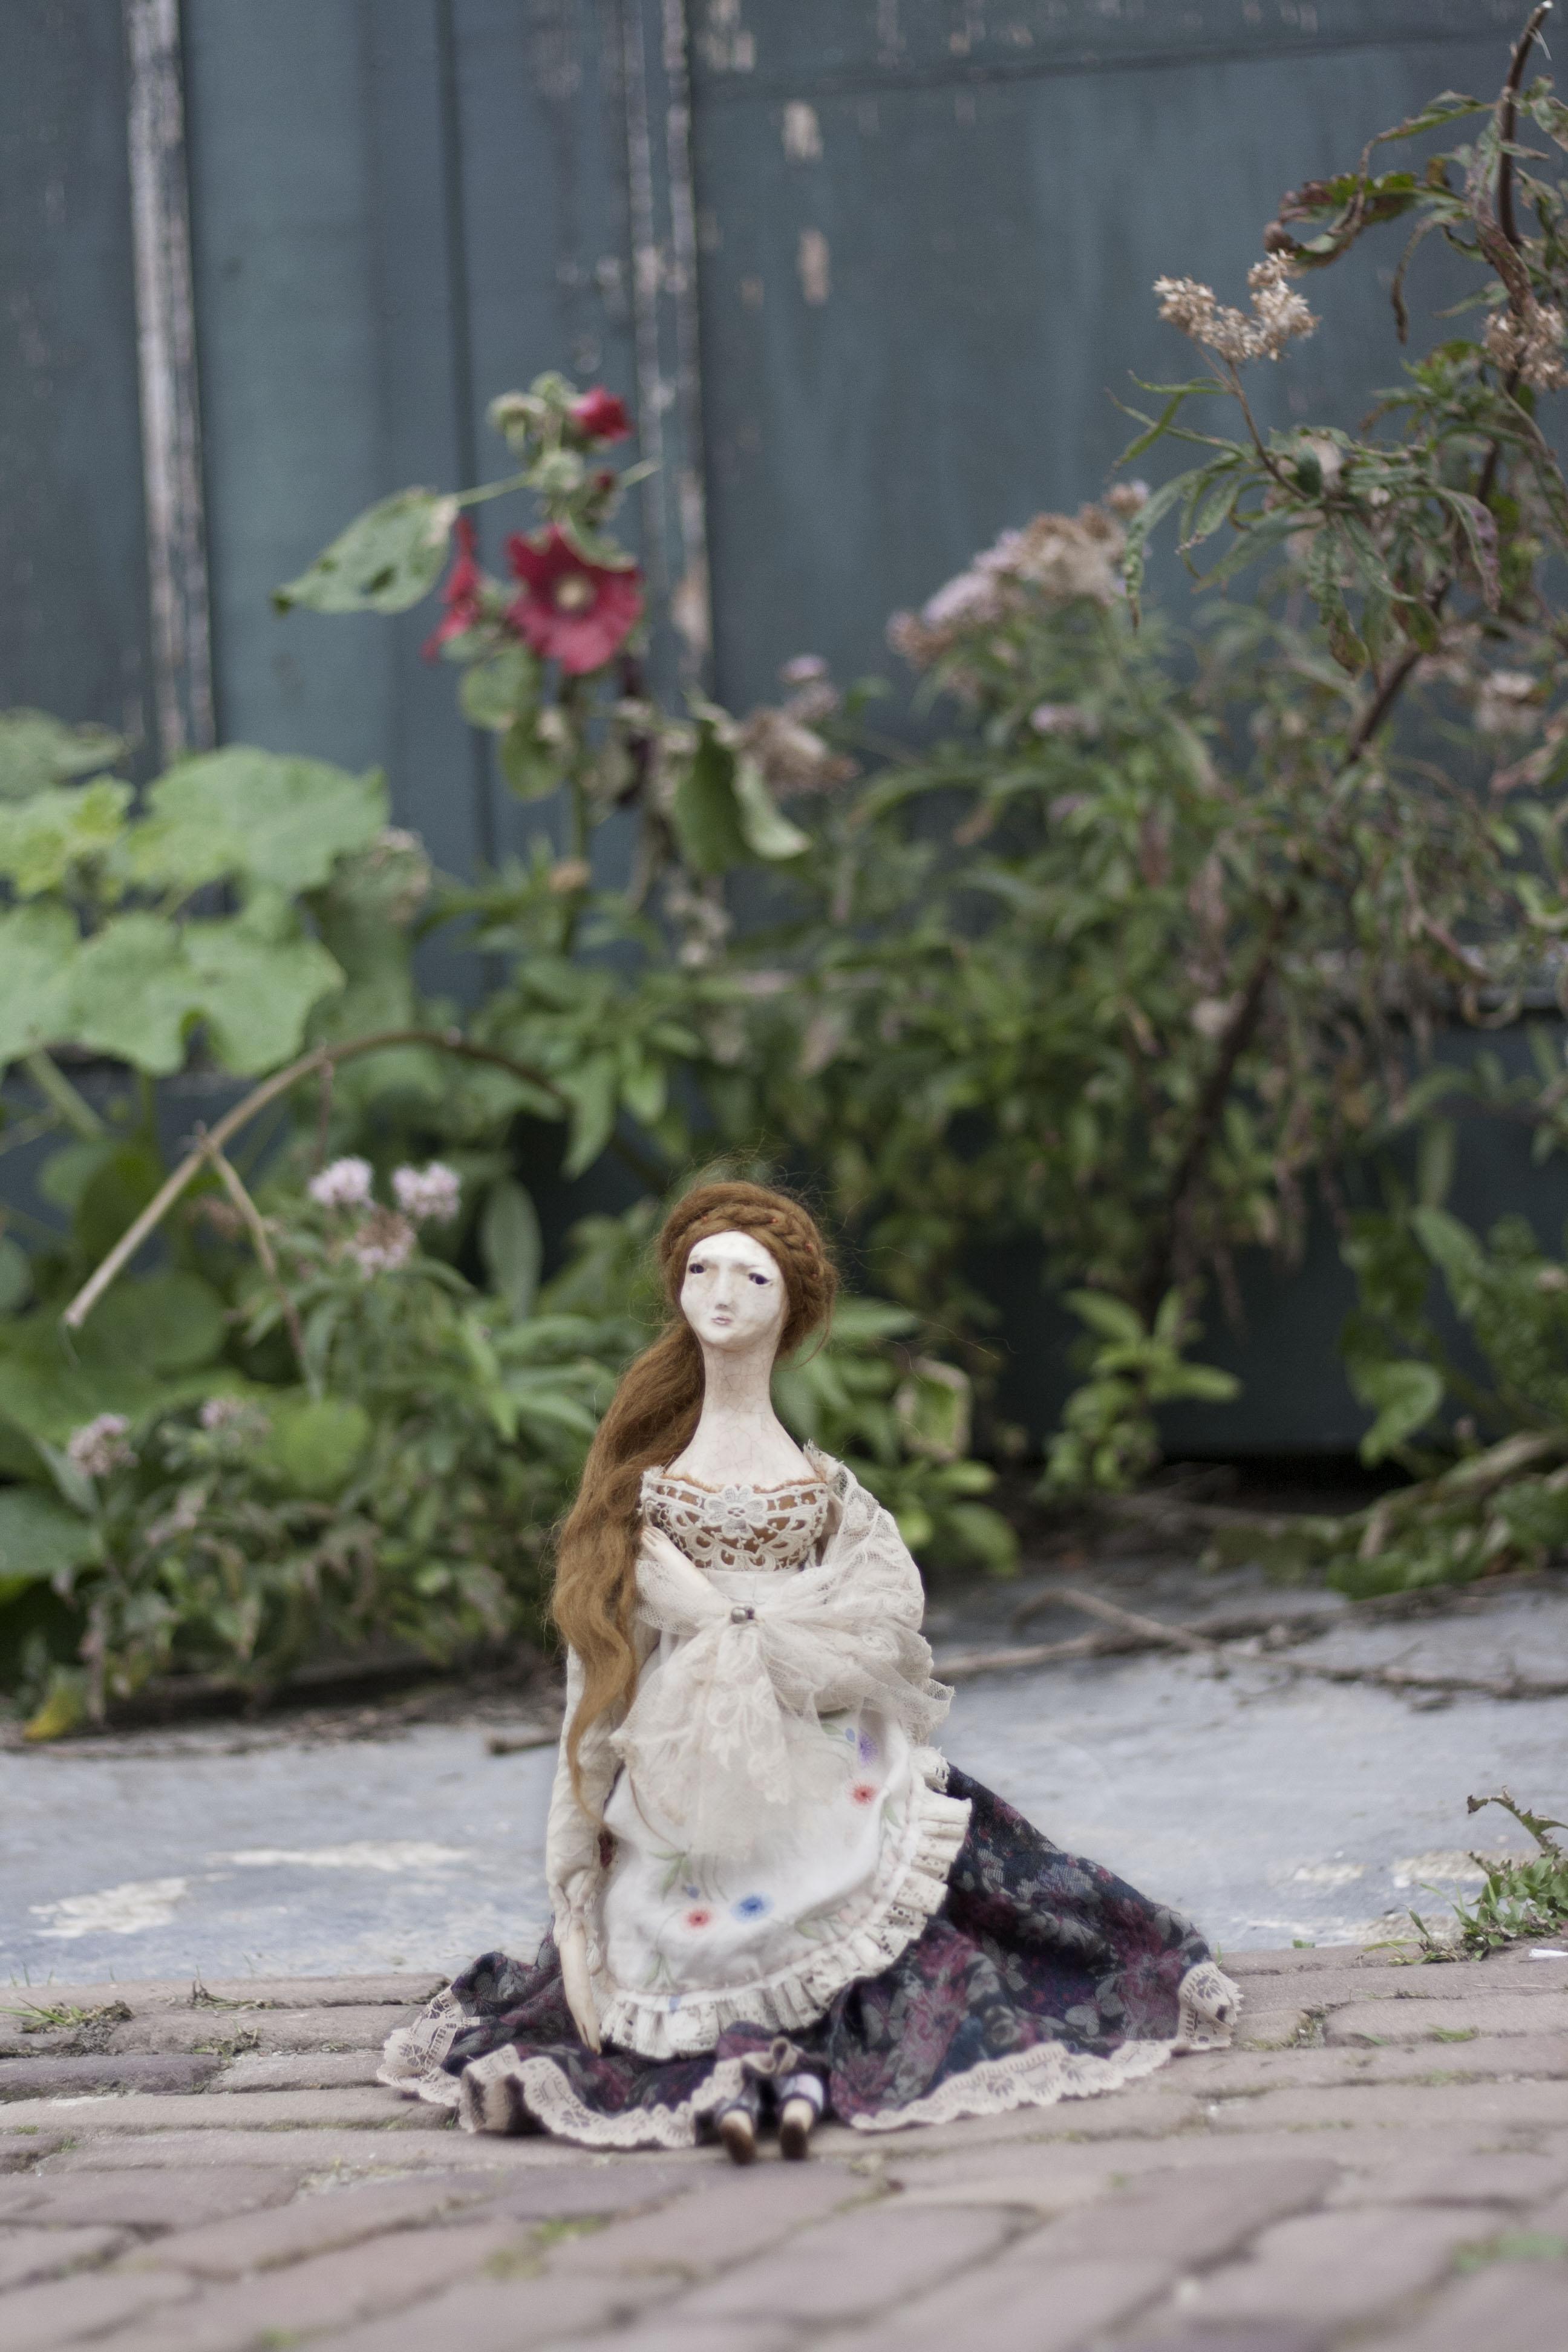 folk doll art